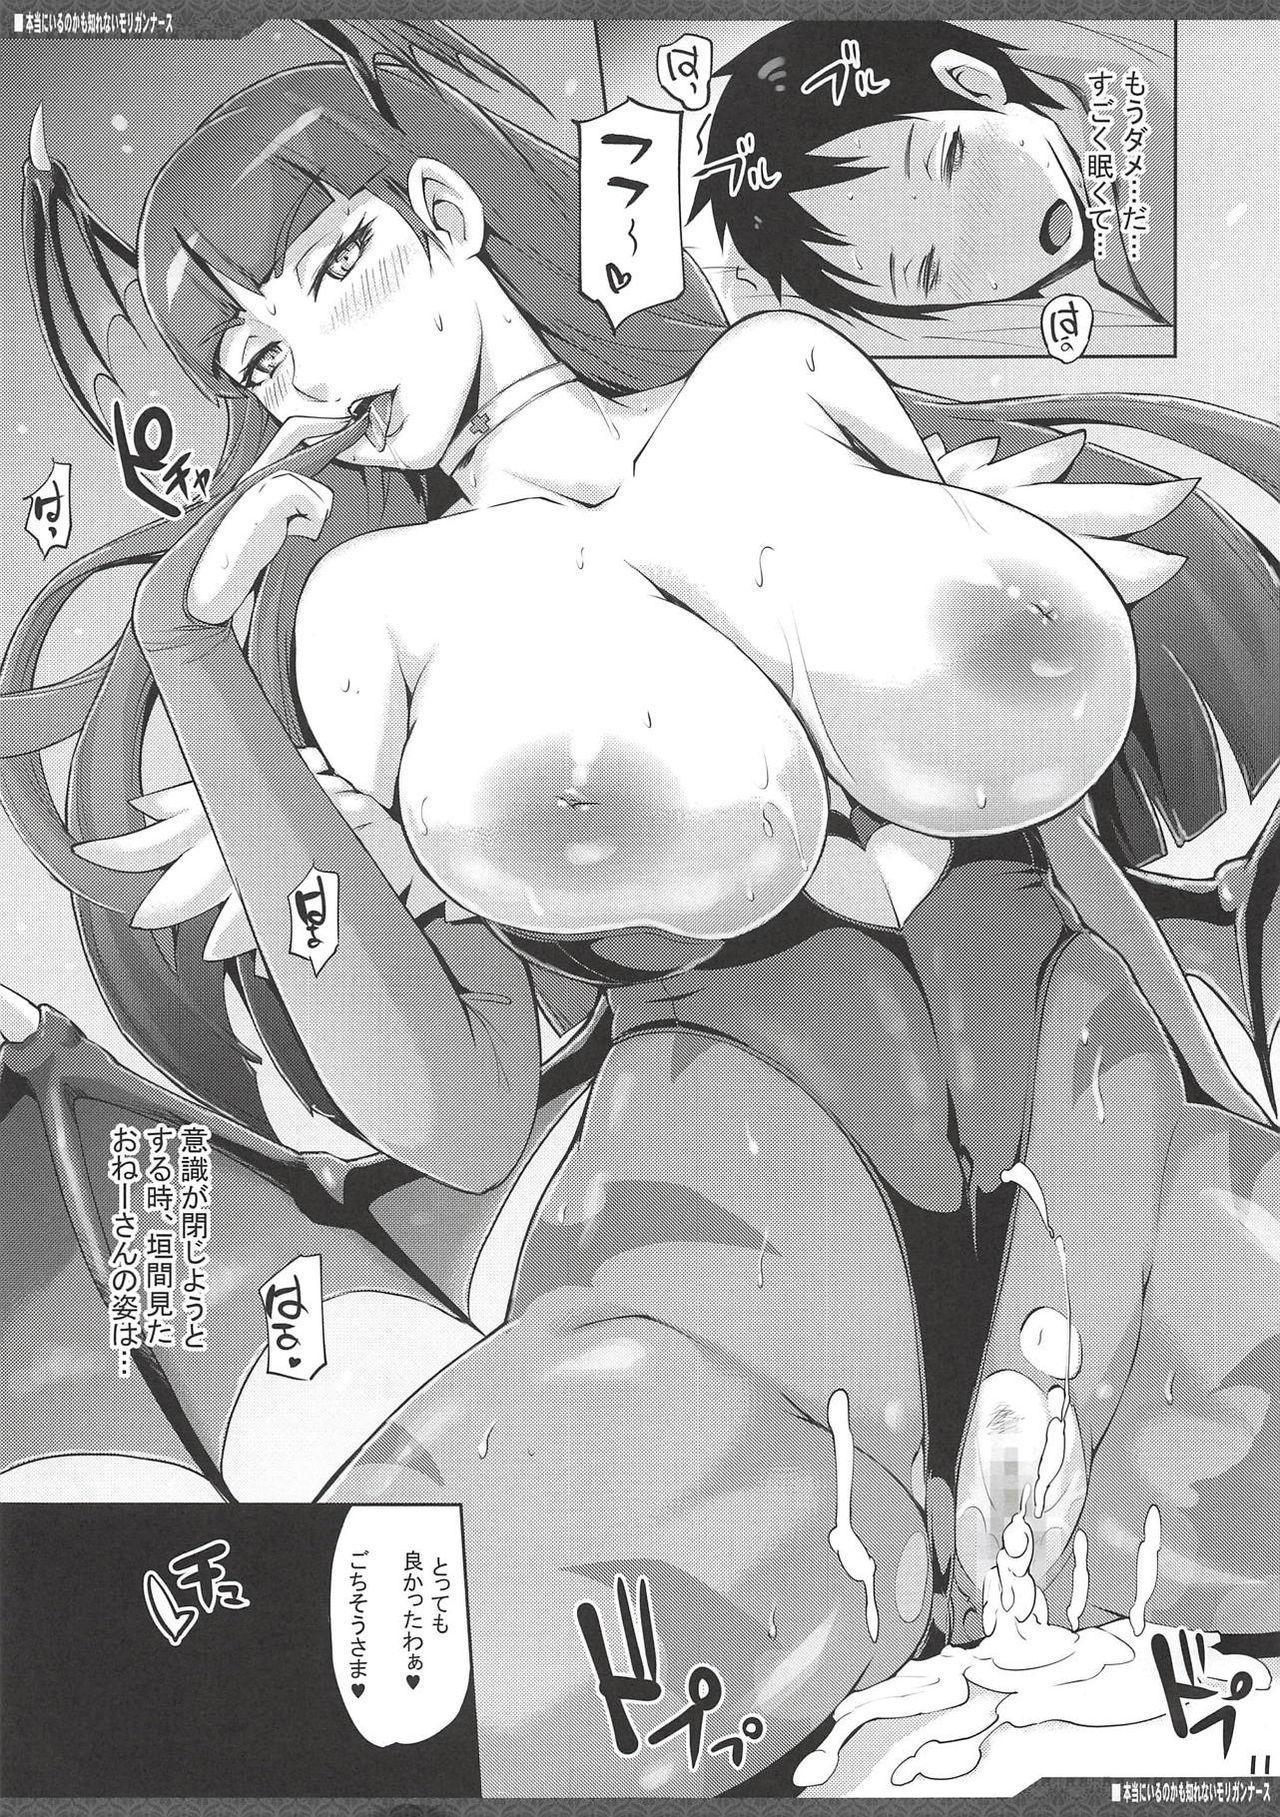 Hontou ni Iru no kamo Shirenai Morrigan Nurse 10